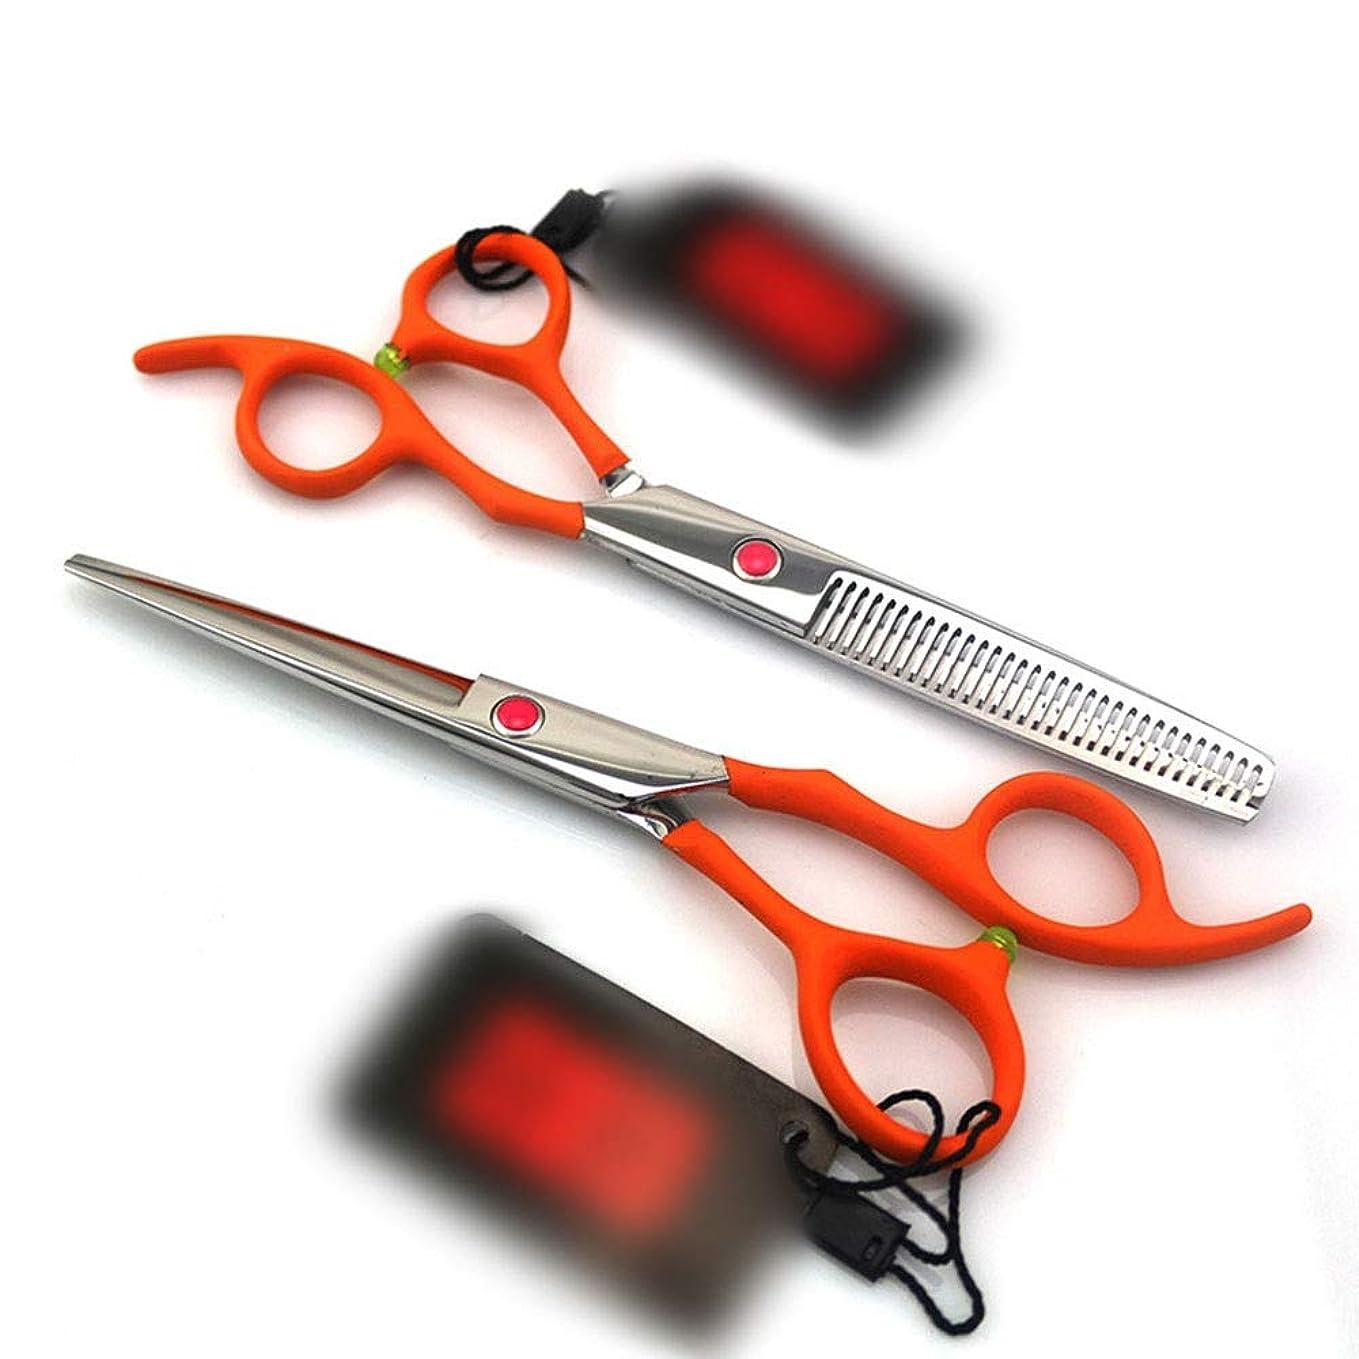 防衛ベーカリー大学生Goodsok-jp 6.0インチのオレンジ専門の理髪はさみ、平らな歯のはさみの理髪用具 (色 : オレンジ)